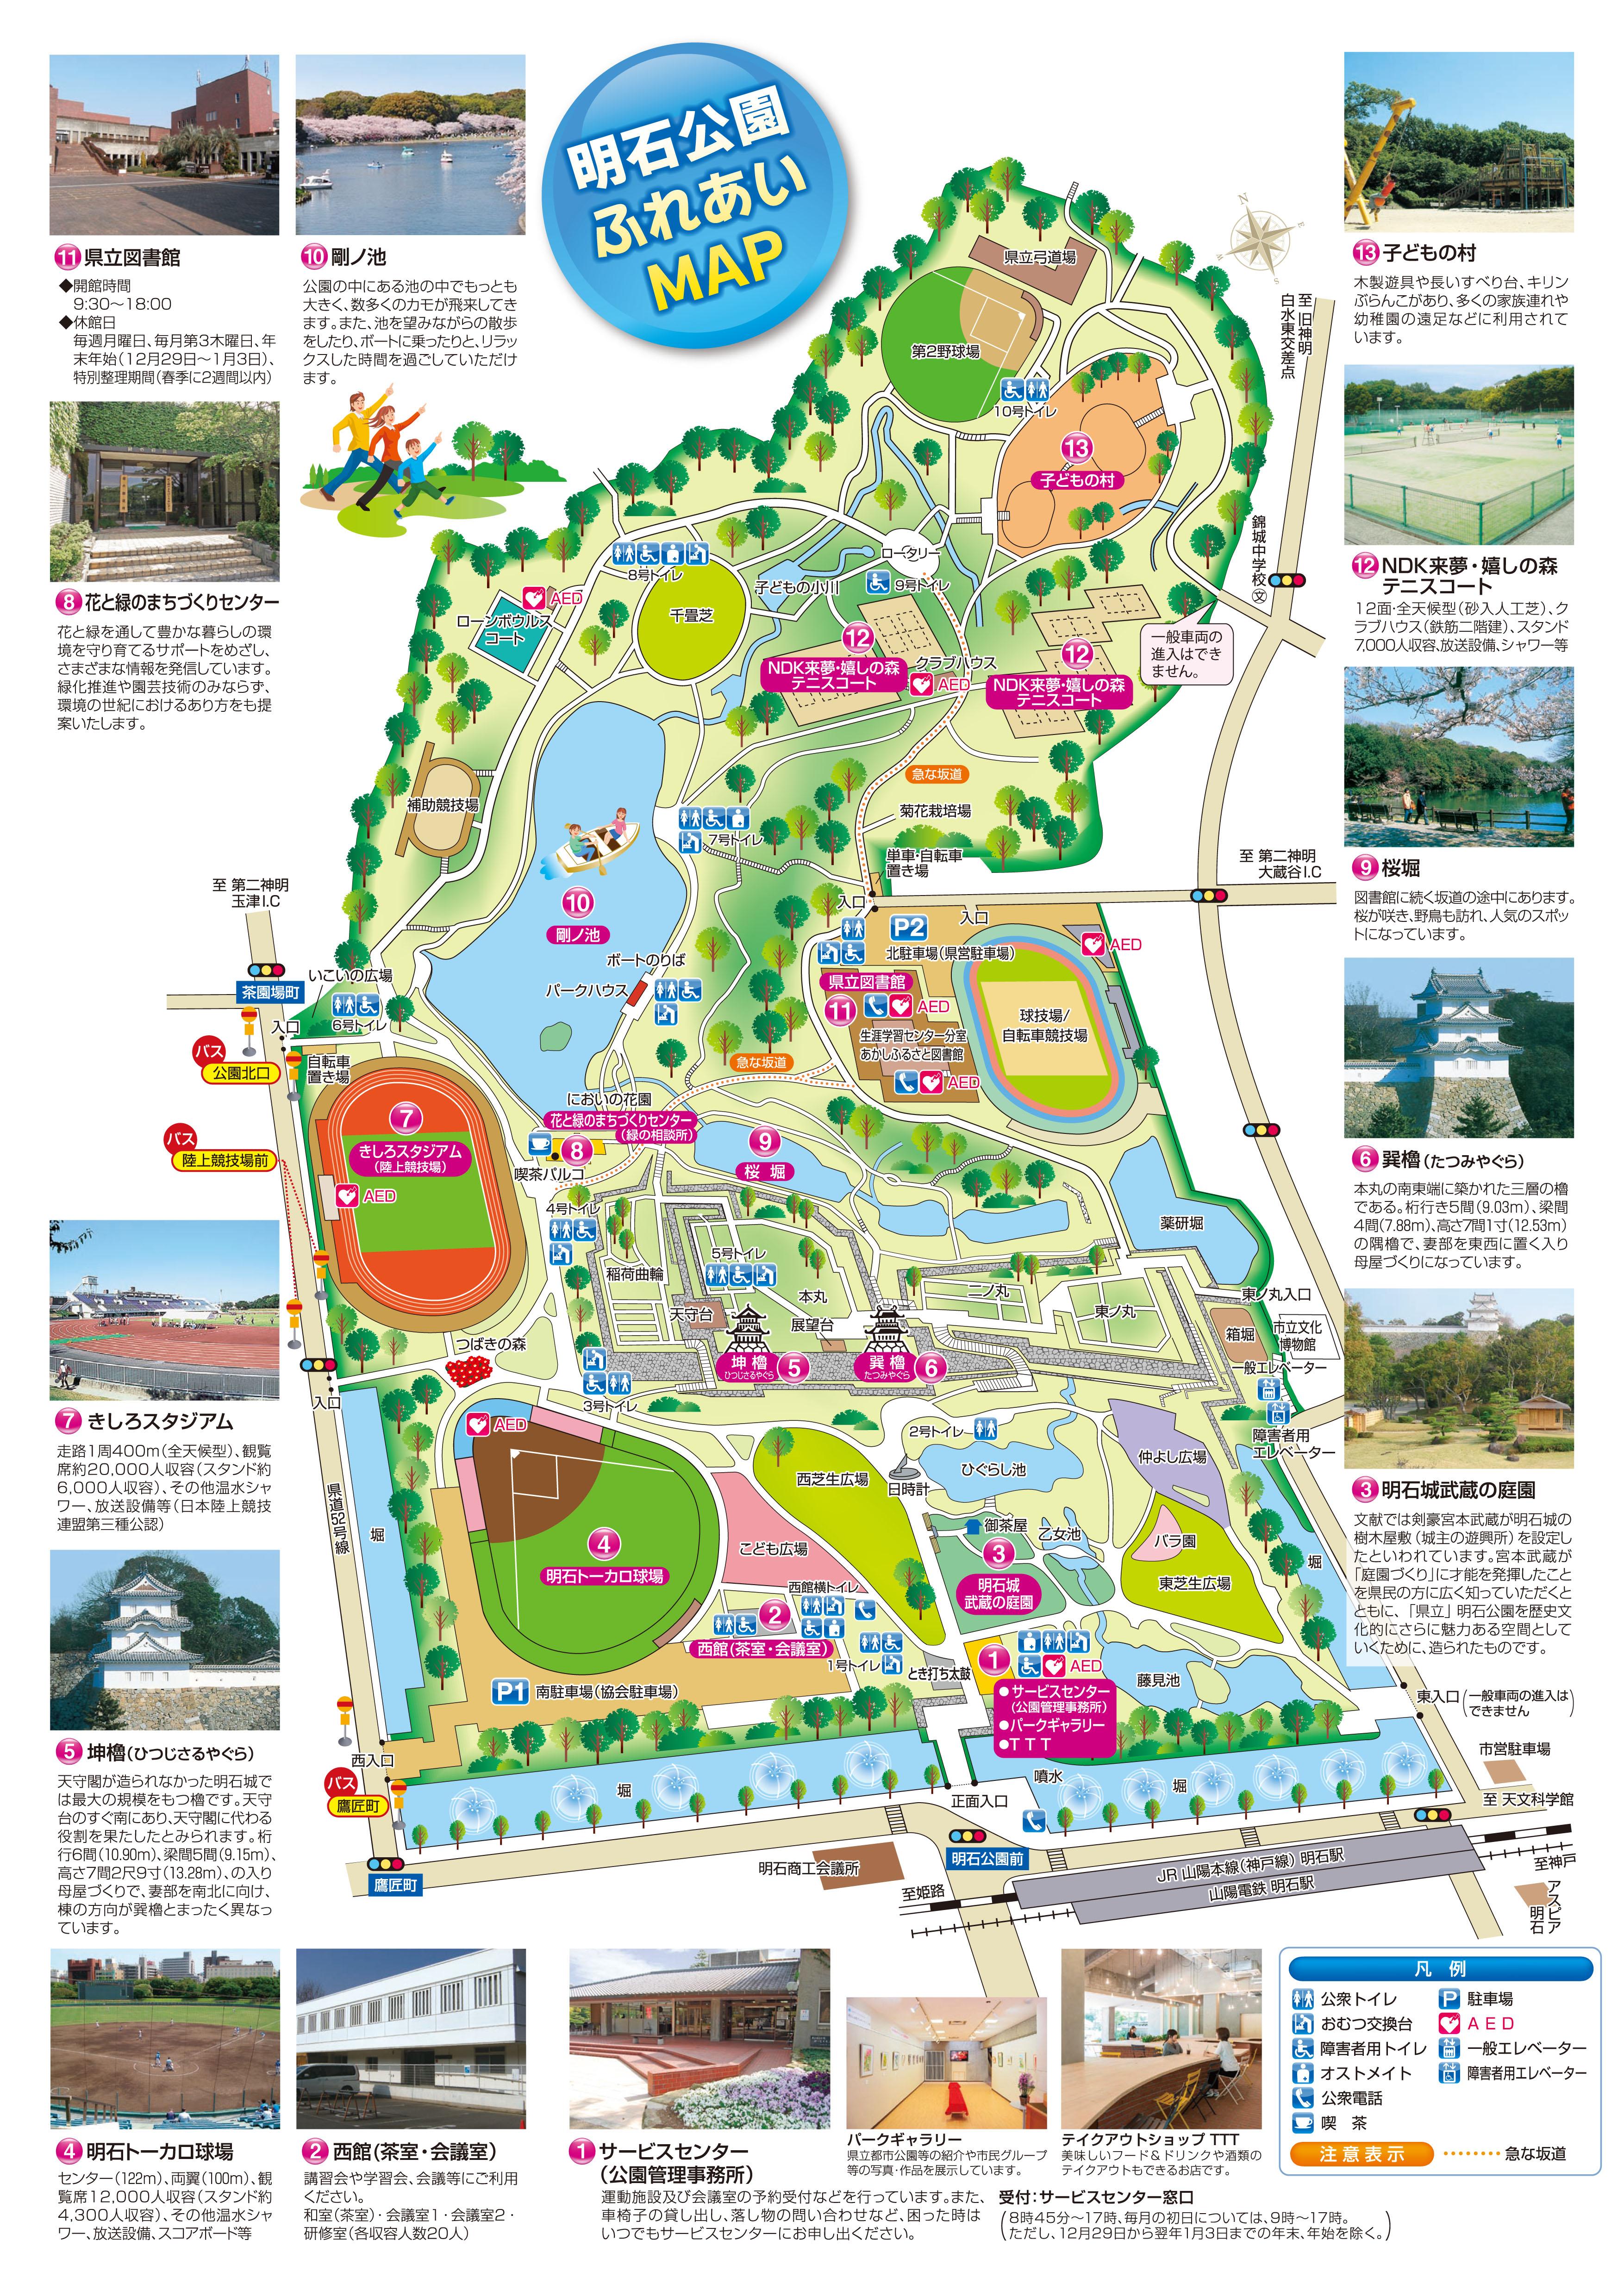 ロハスミーツ 明石公園マップ